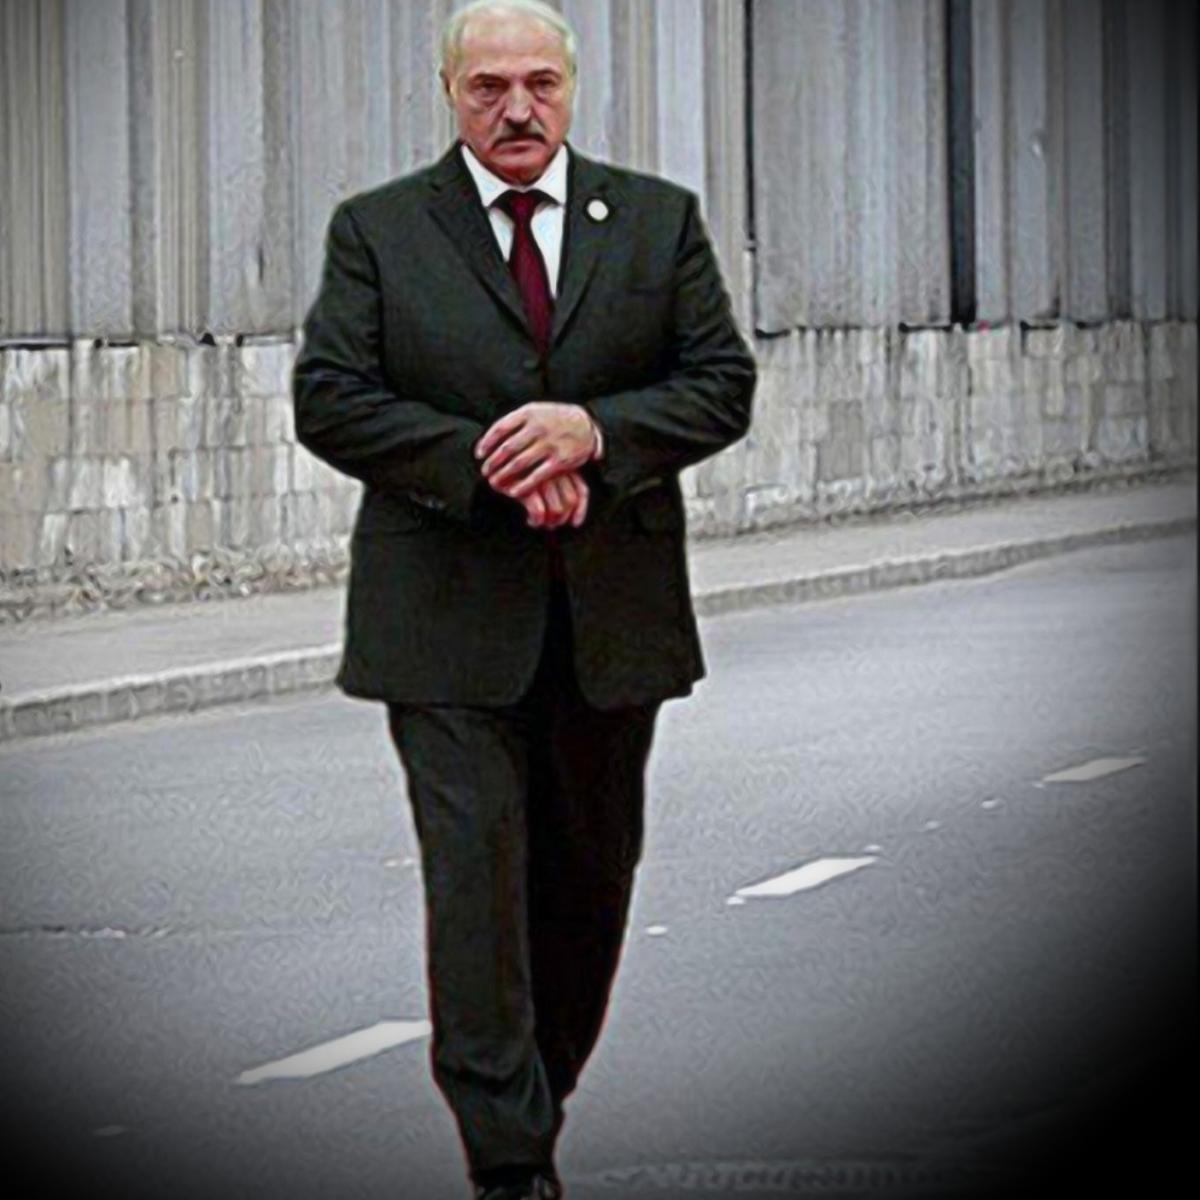 Политик, выпущенный из СИЗО КГБ Белоруссии, раскрыл подробности встречи Лукашенко